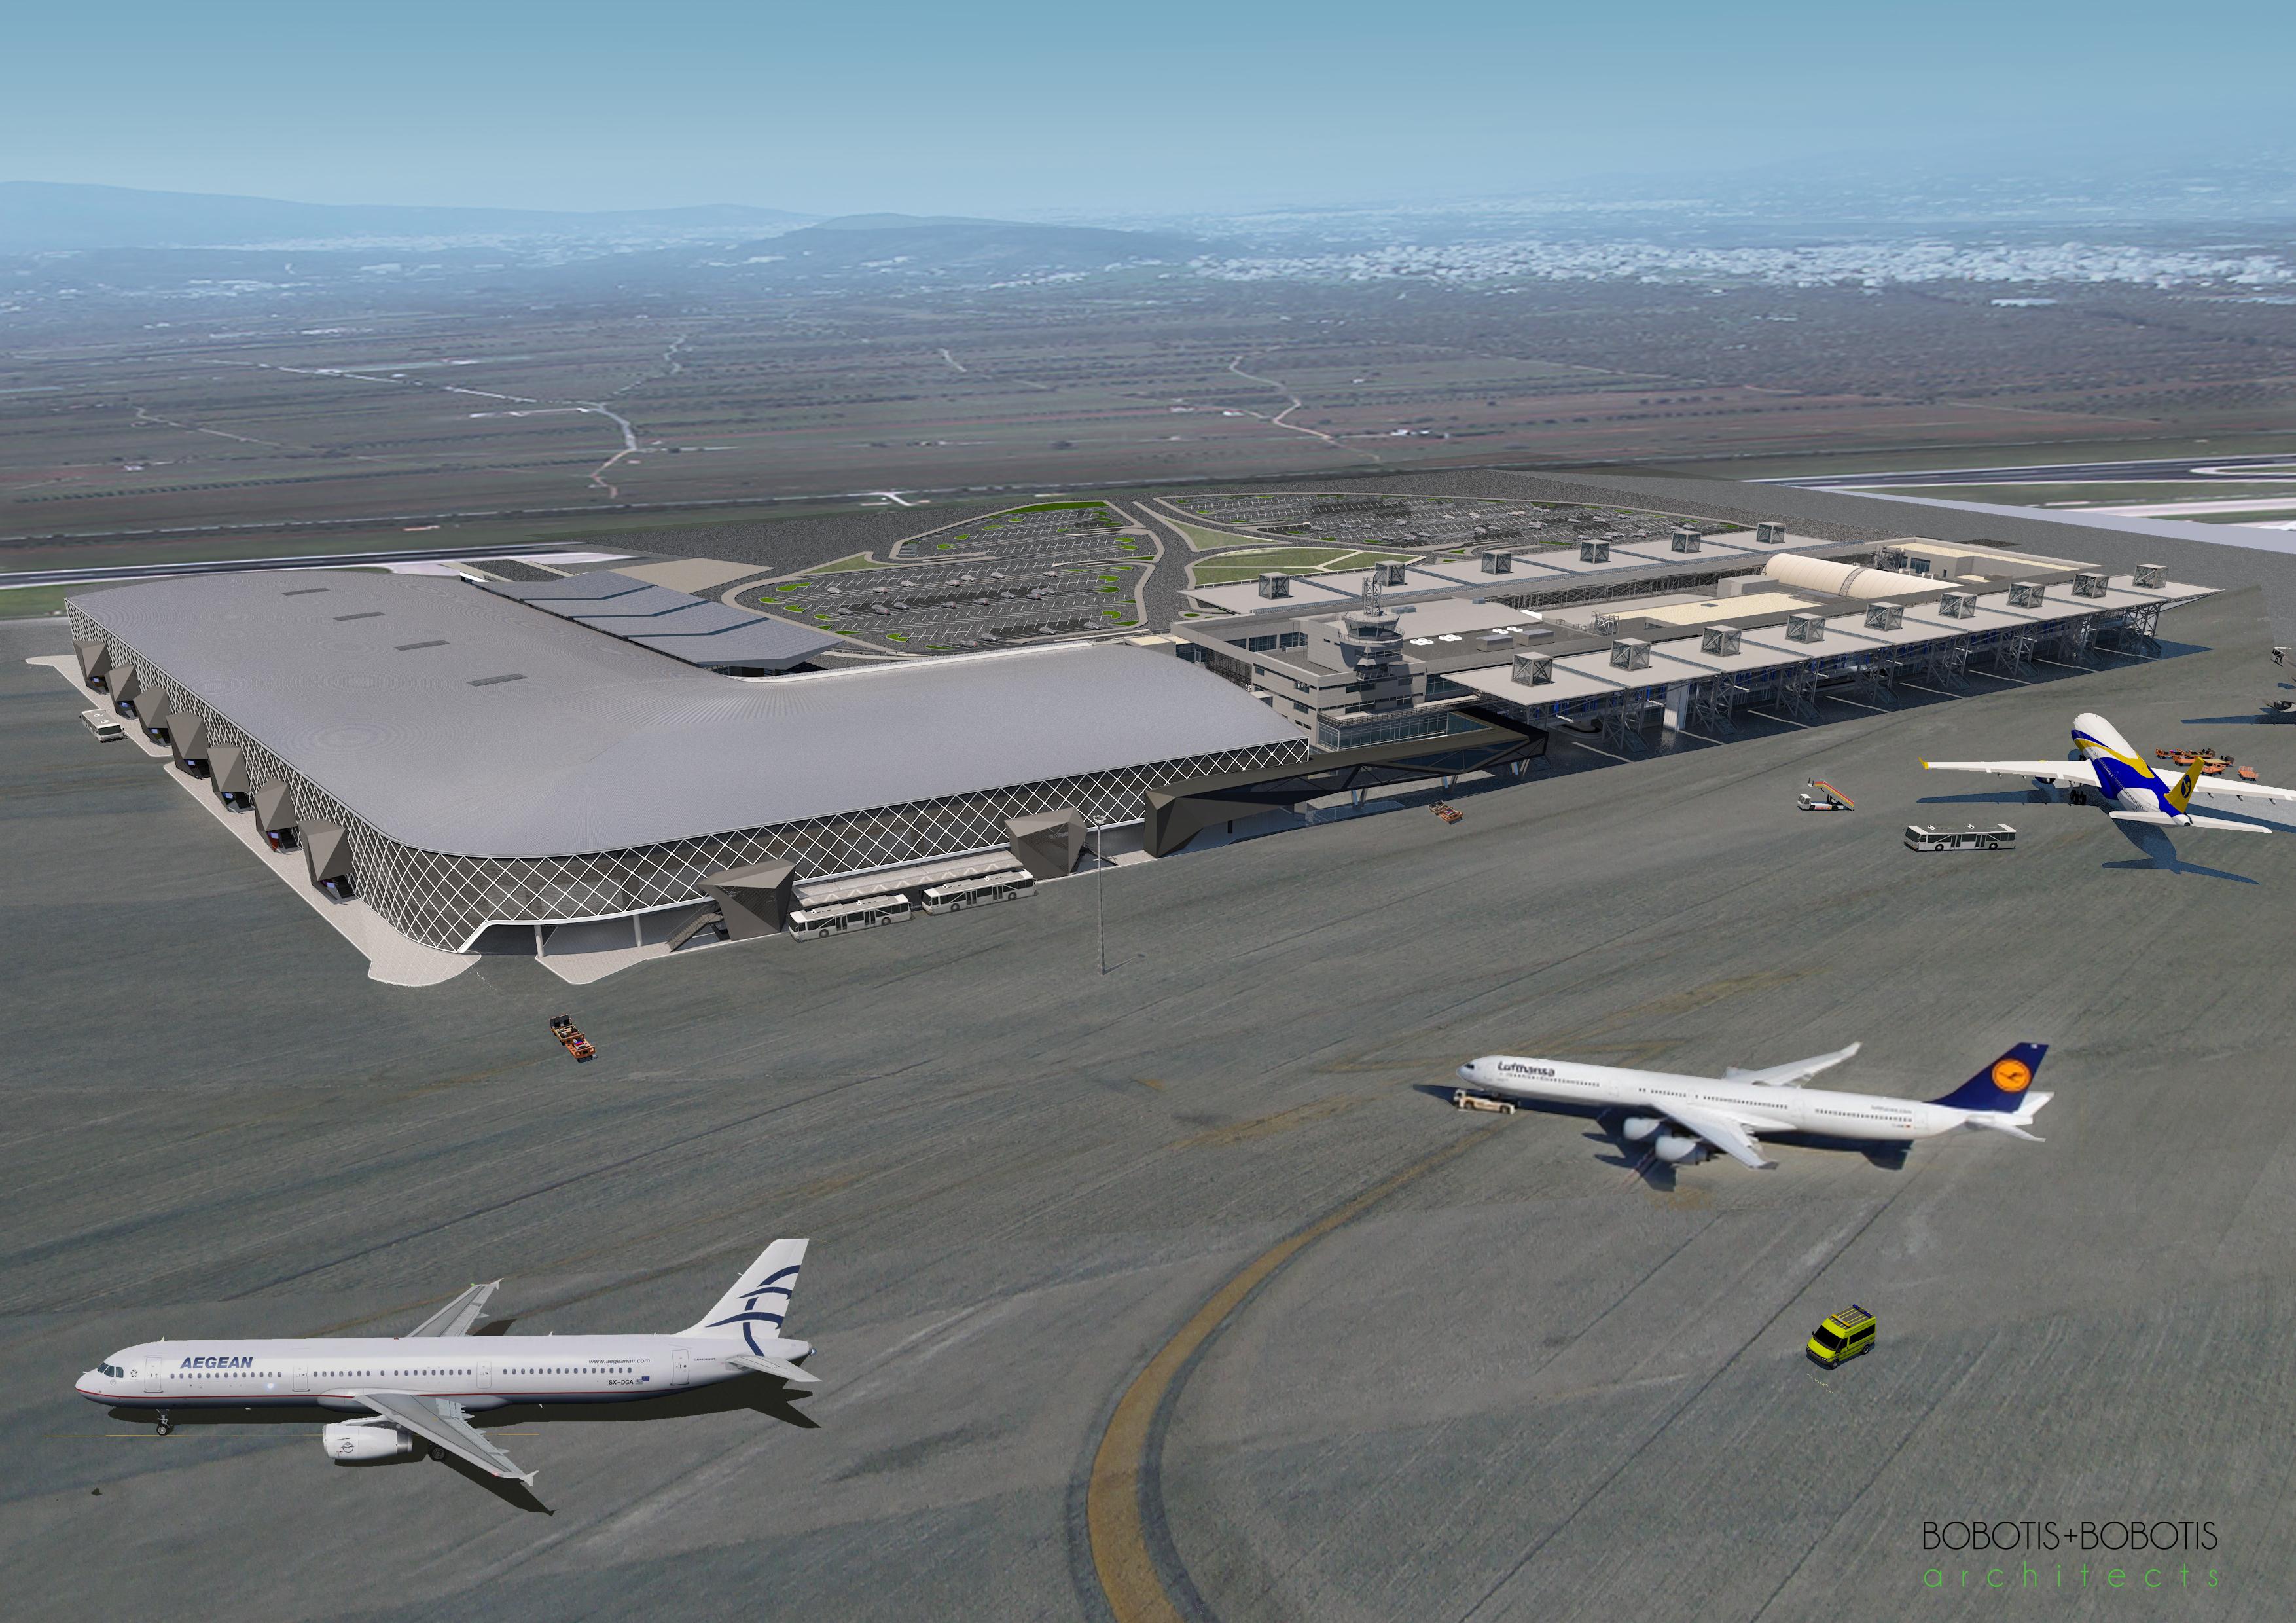 Οι διεθνείς πτήσεις απογειώνουν τα 14 περιφερειακά αεροδρόμια   tovima.gr